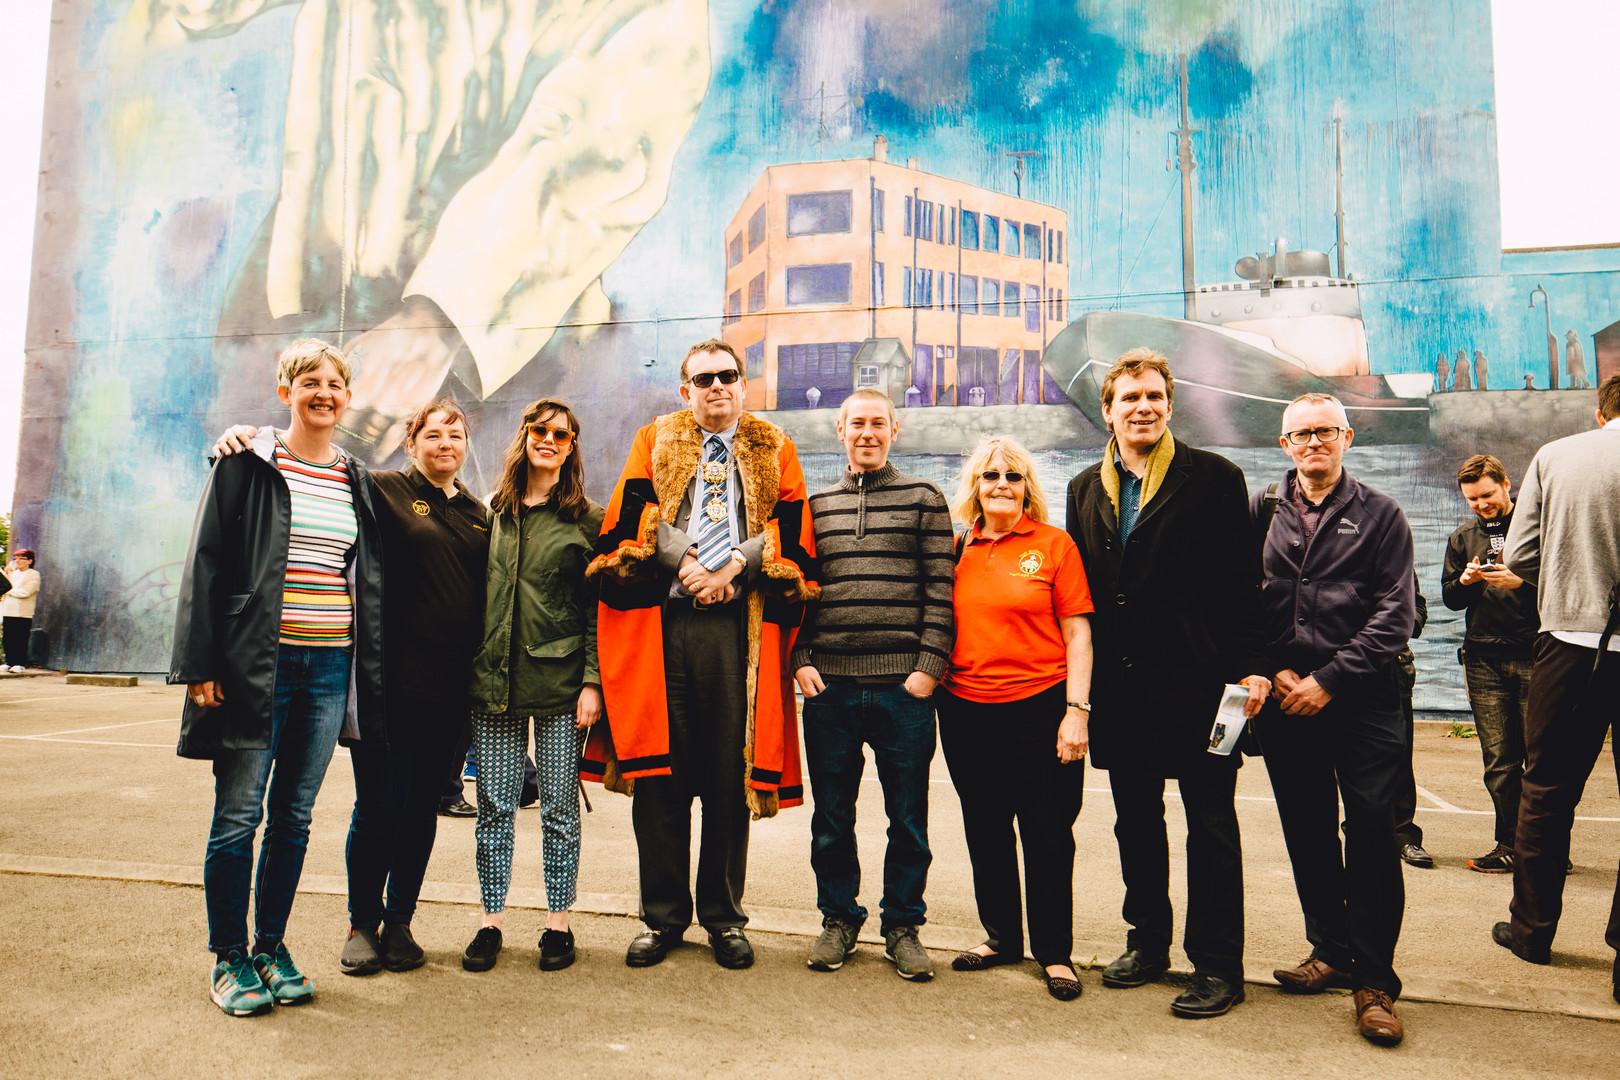 Hessle Road Mural Unveiling